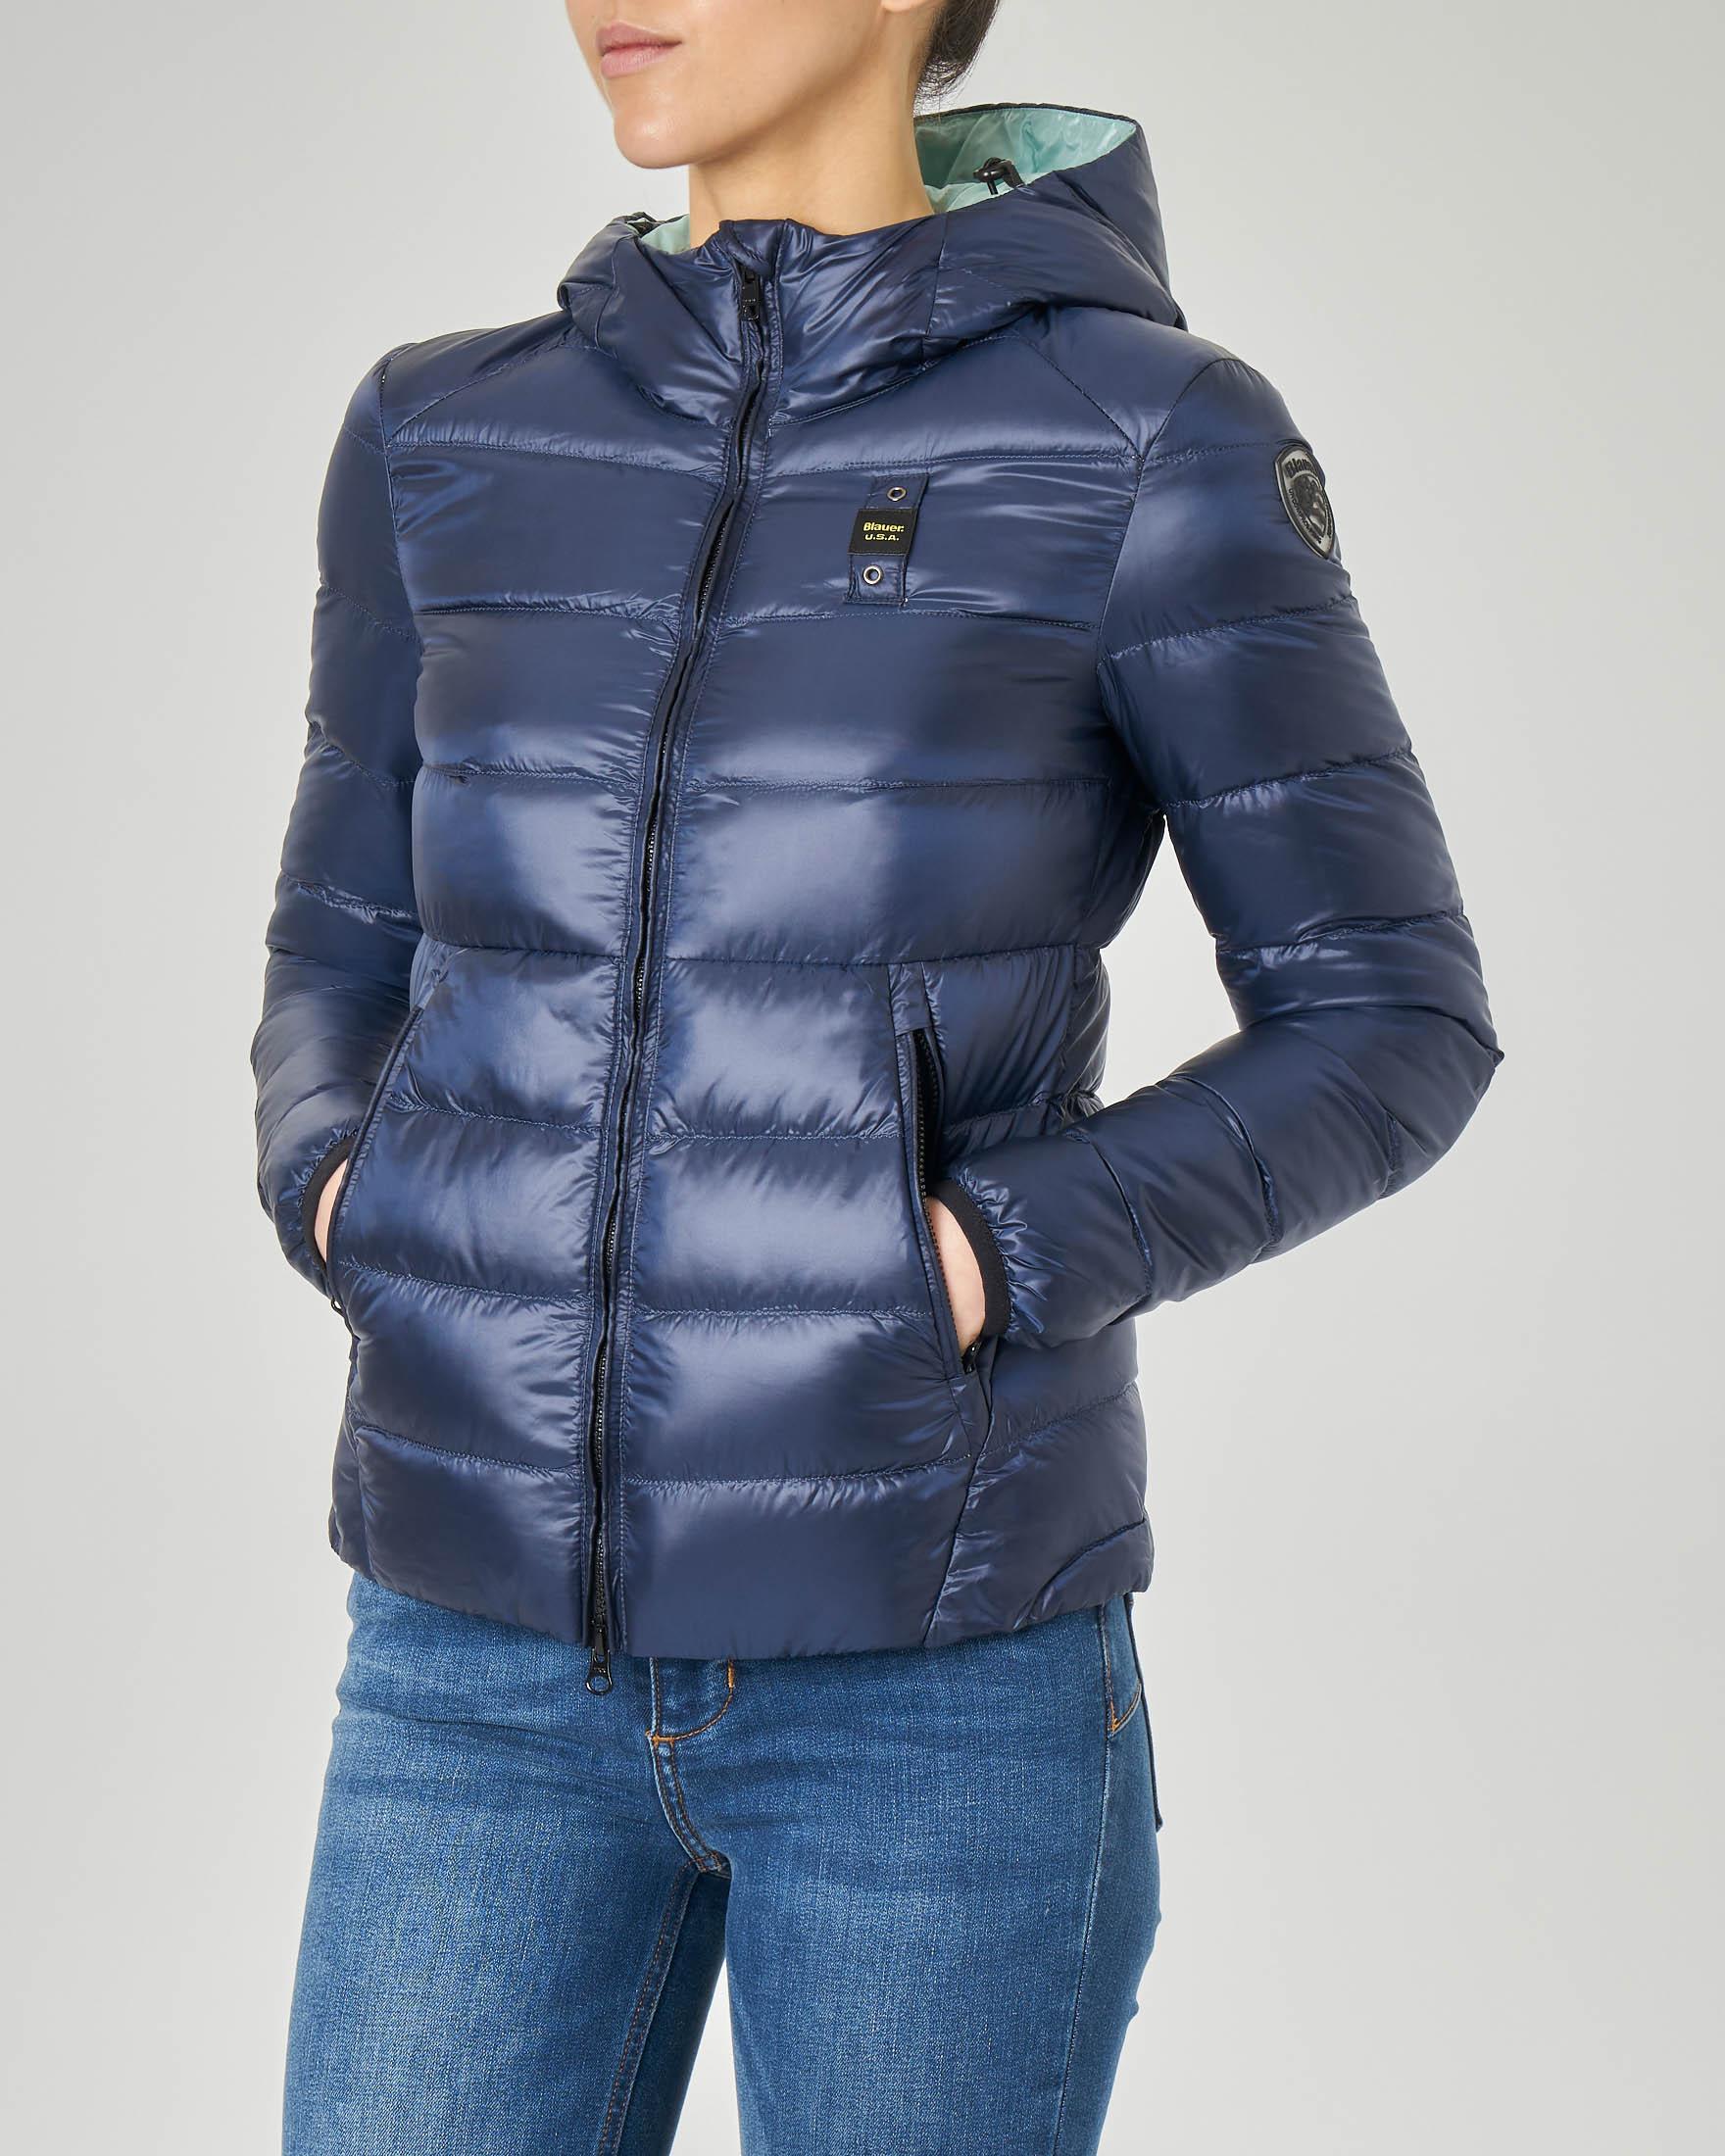 Piumino leggero blu con imbottitura orizzontale e cappuccio fisso